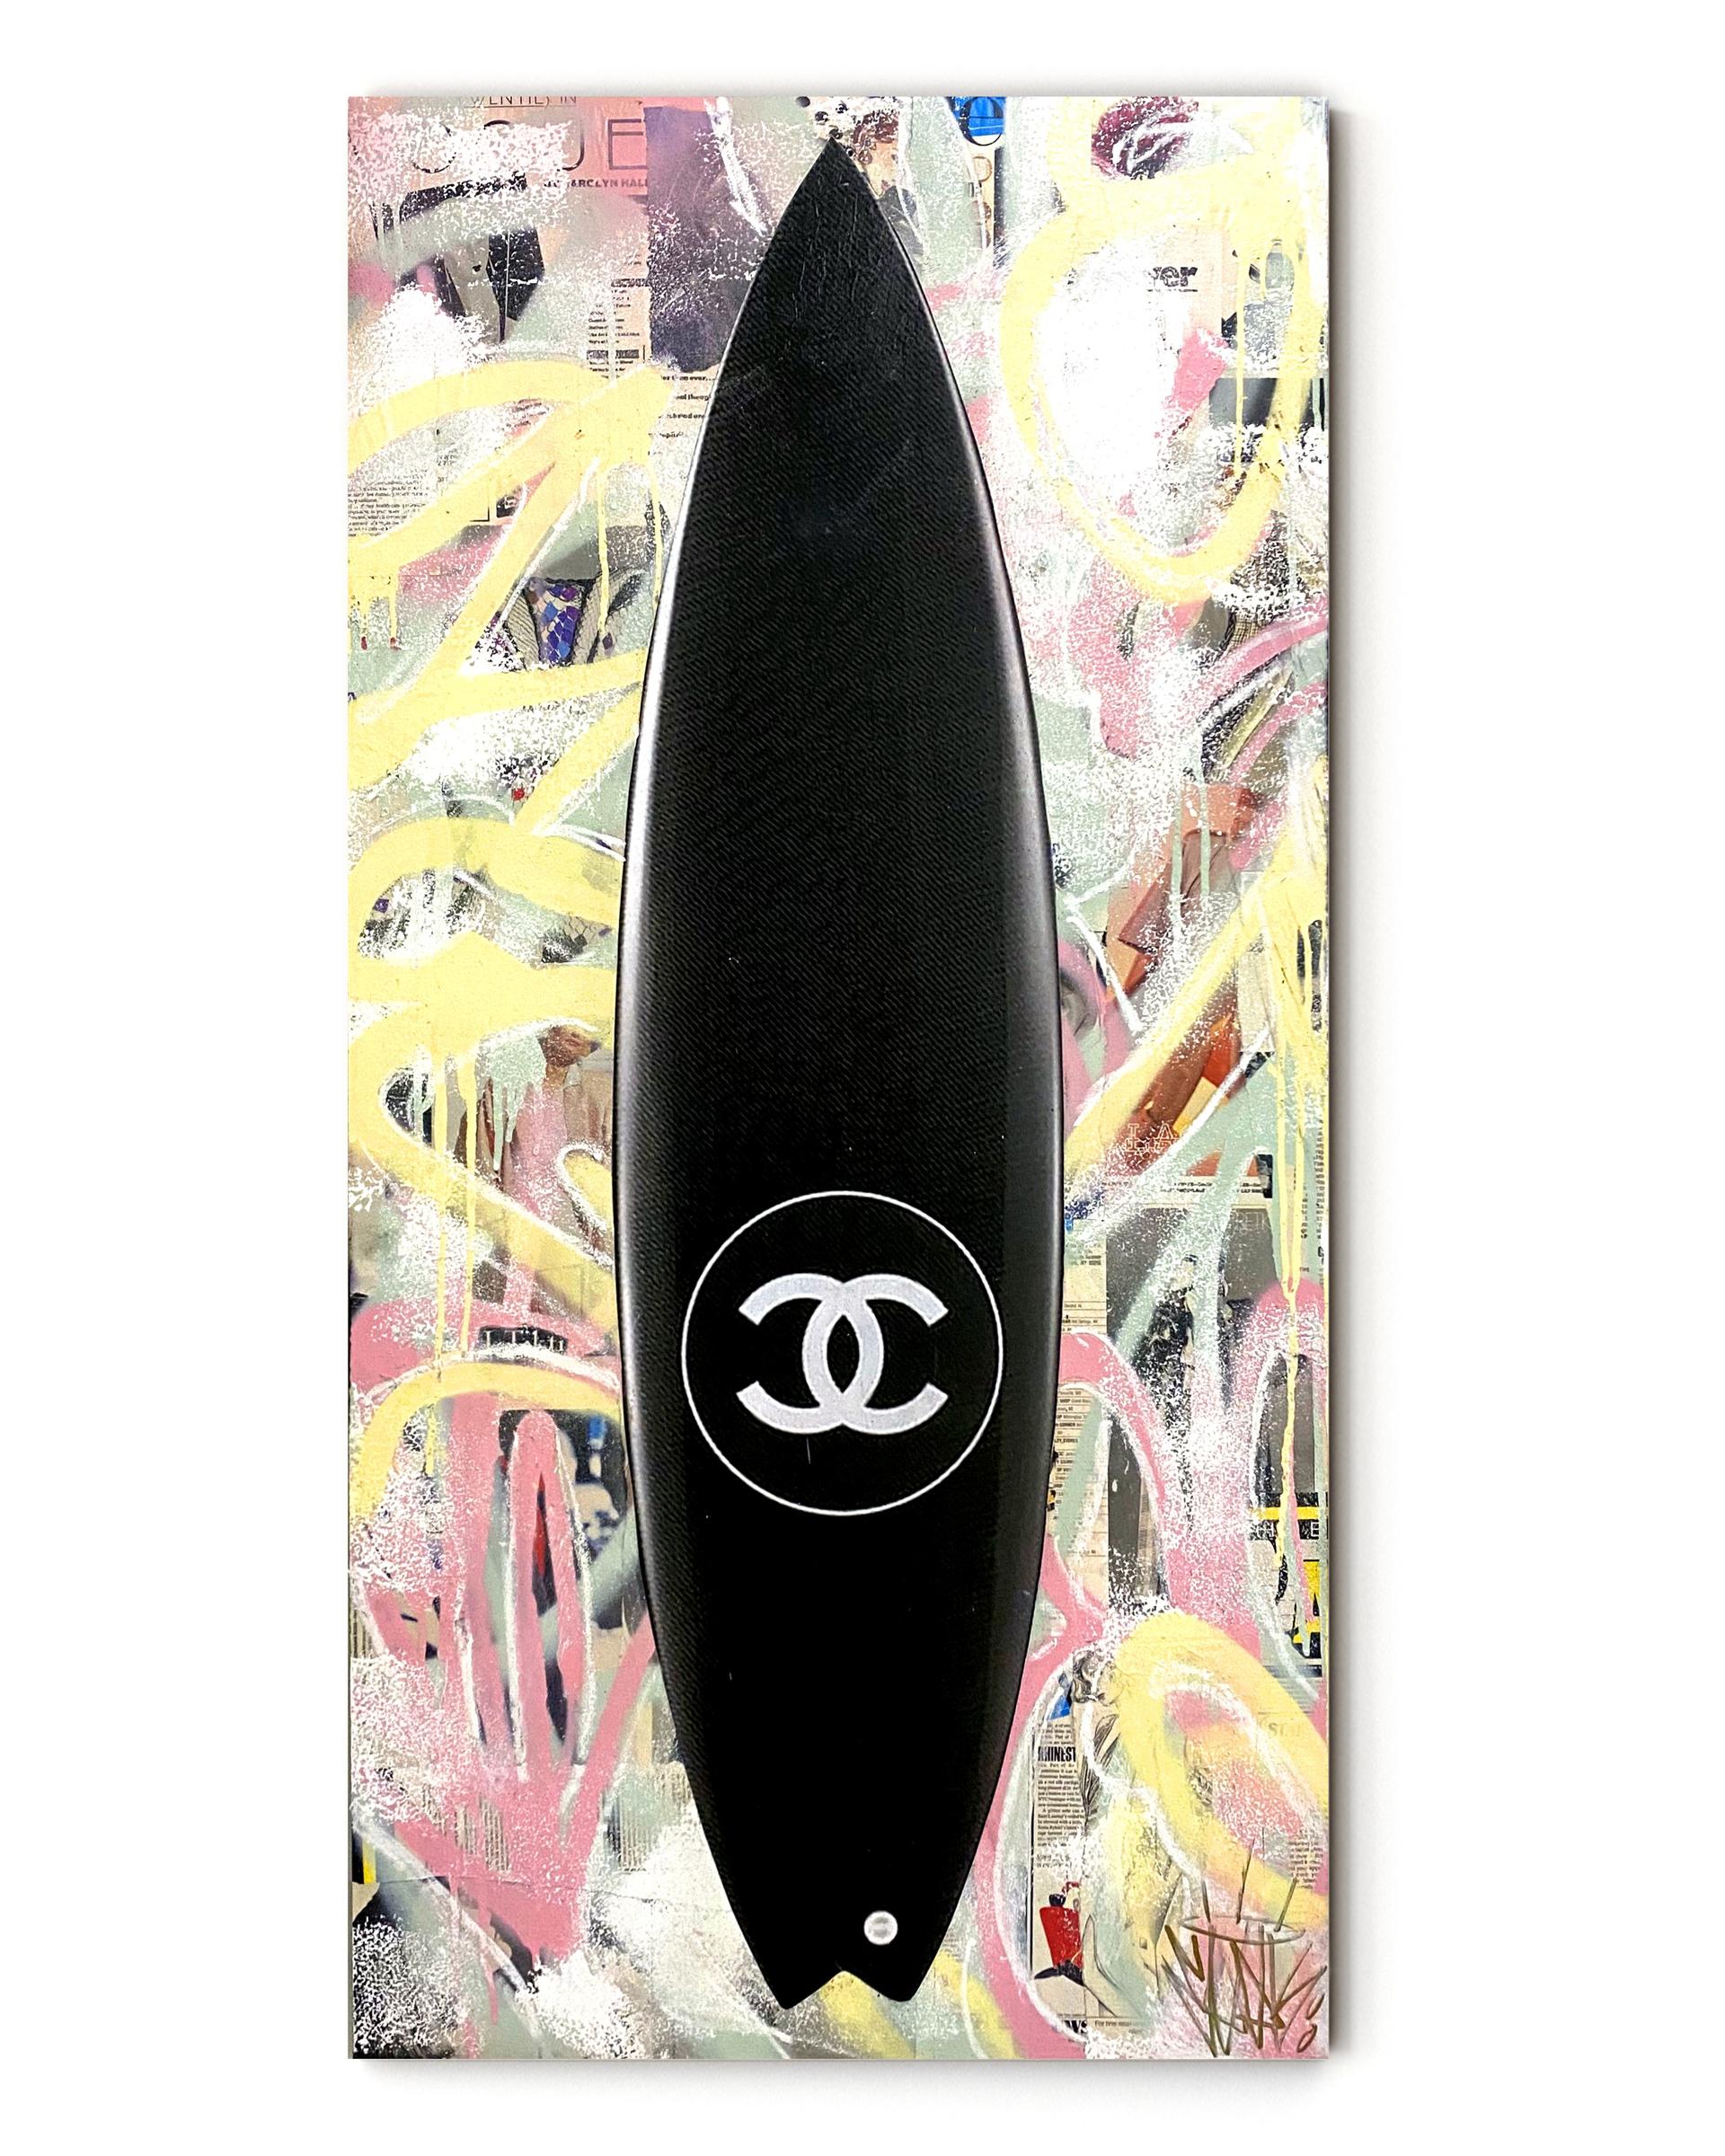 Chanel Surfboard by Seek One